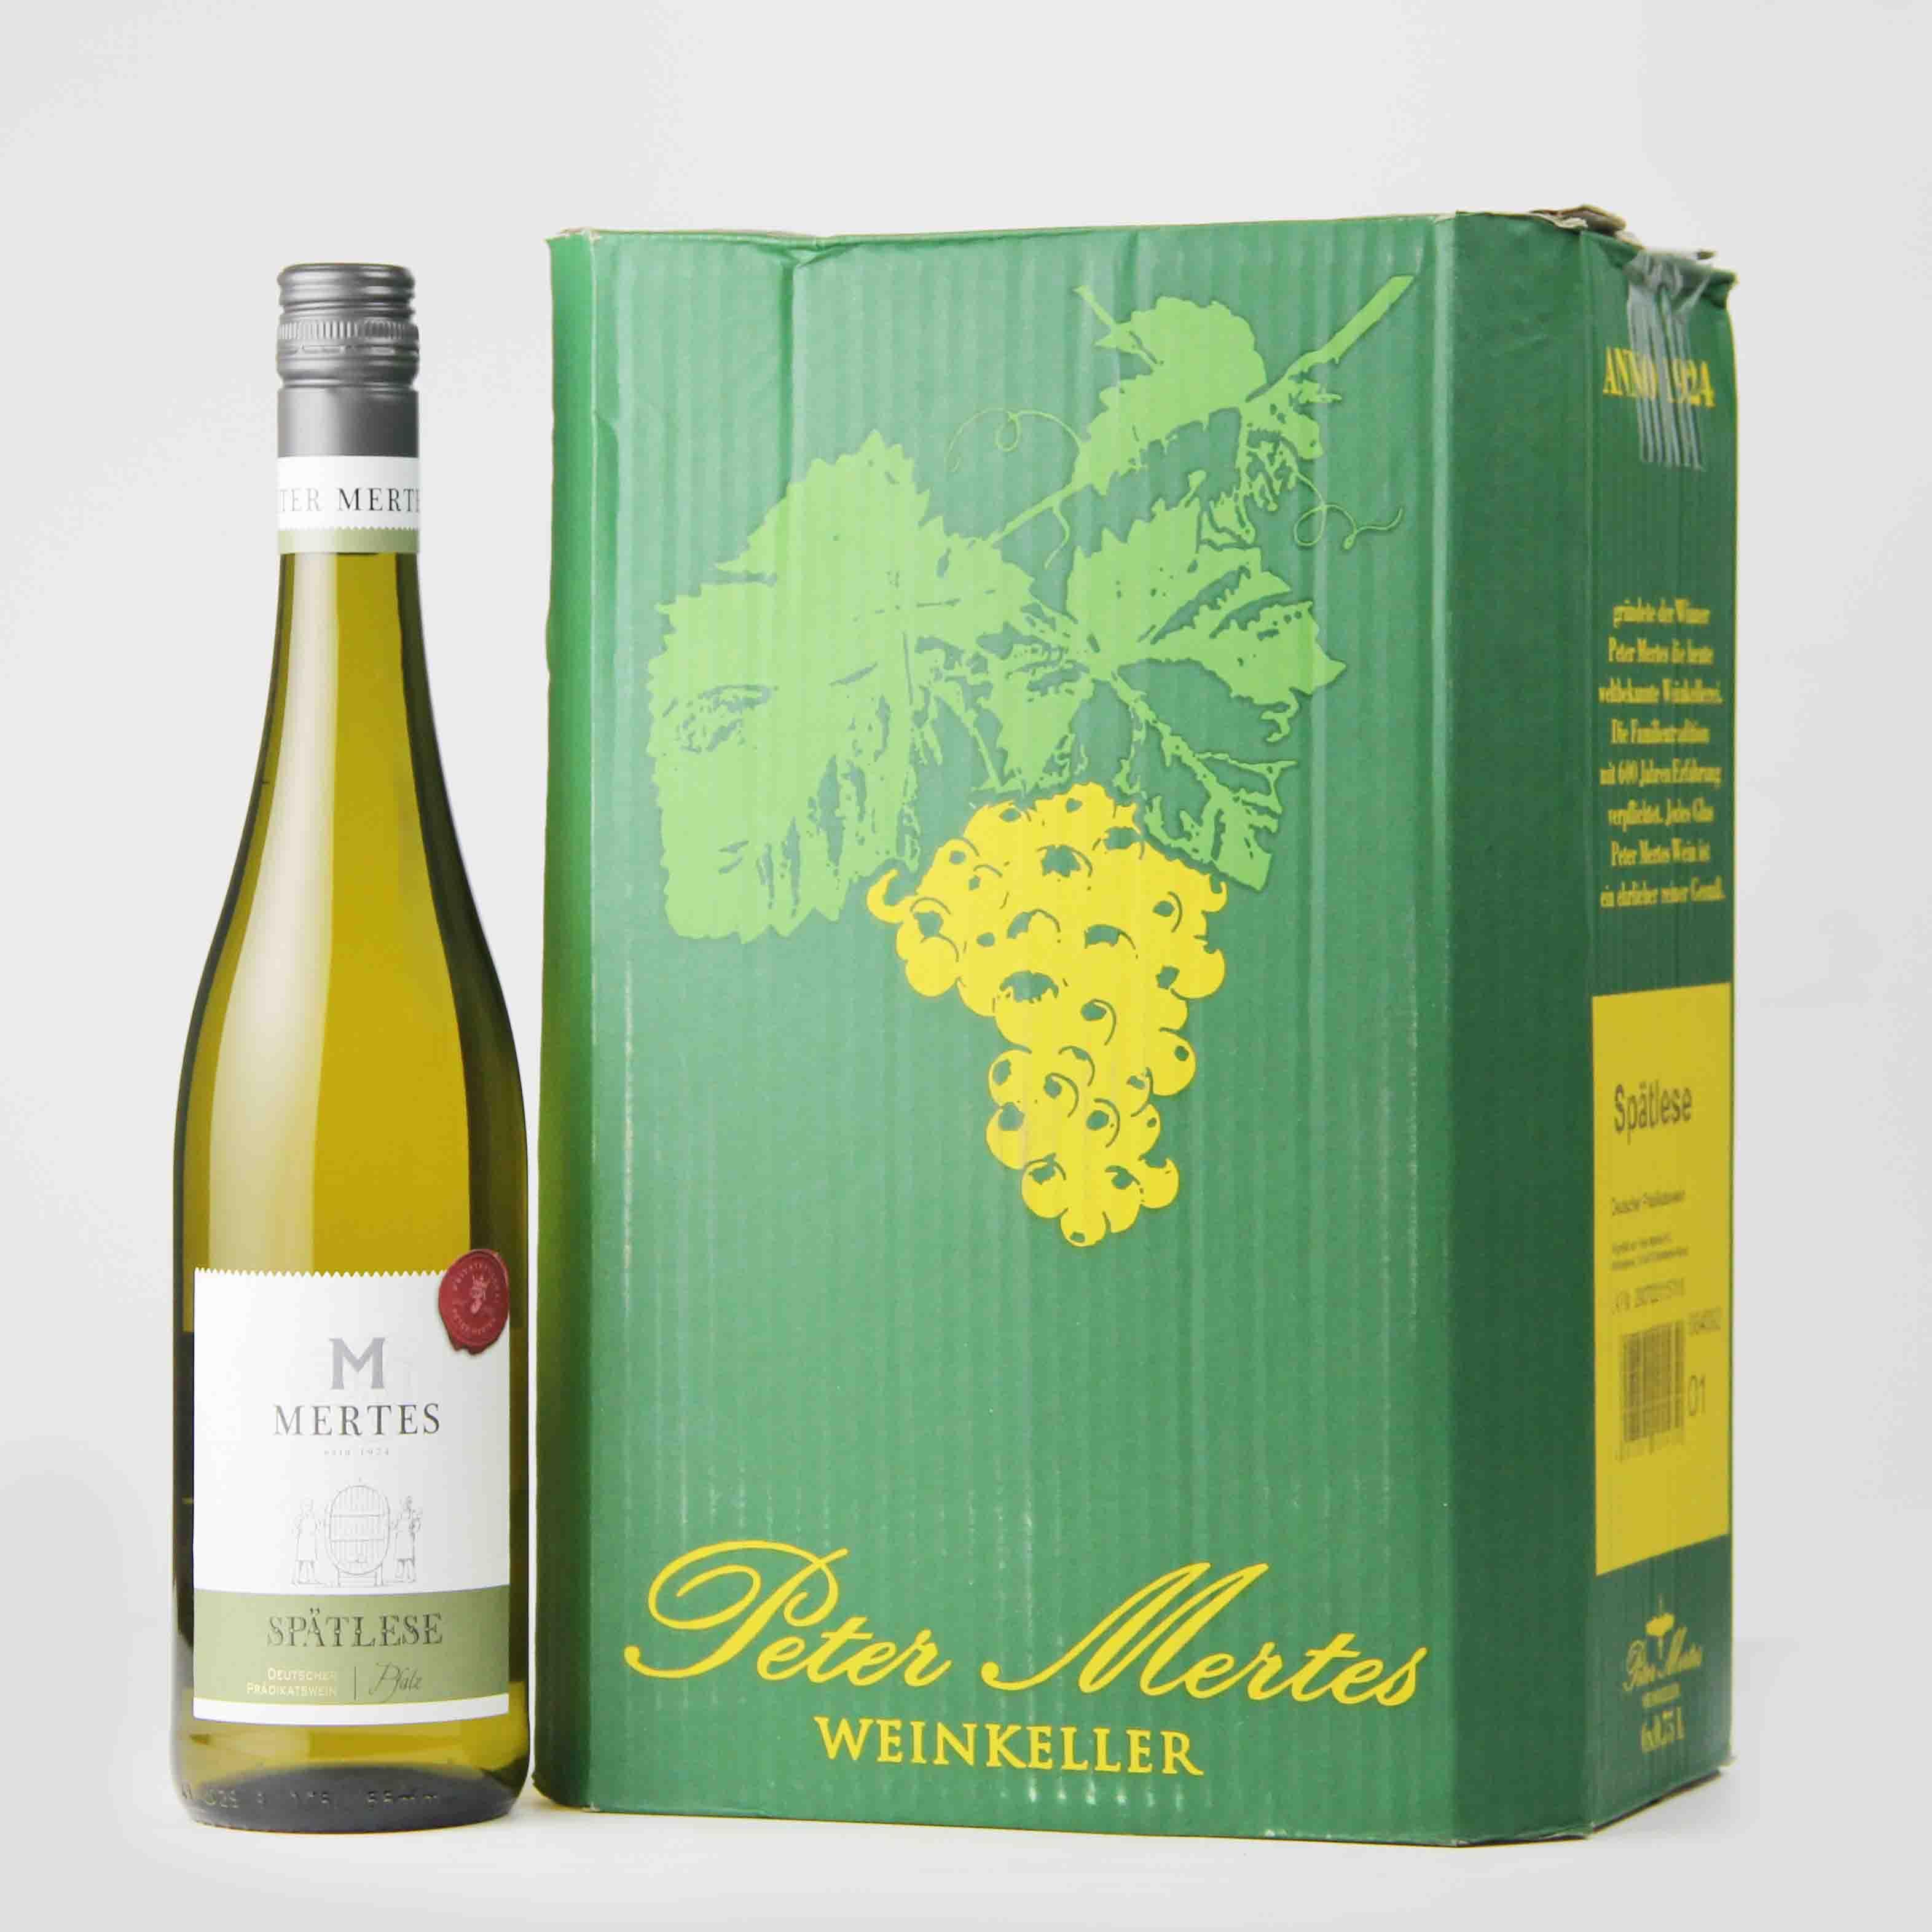 德国法茨彼得美德晚收甜白葡萄酒